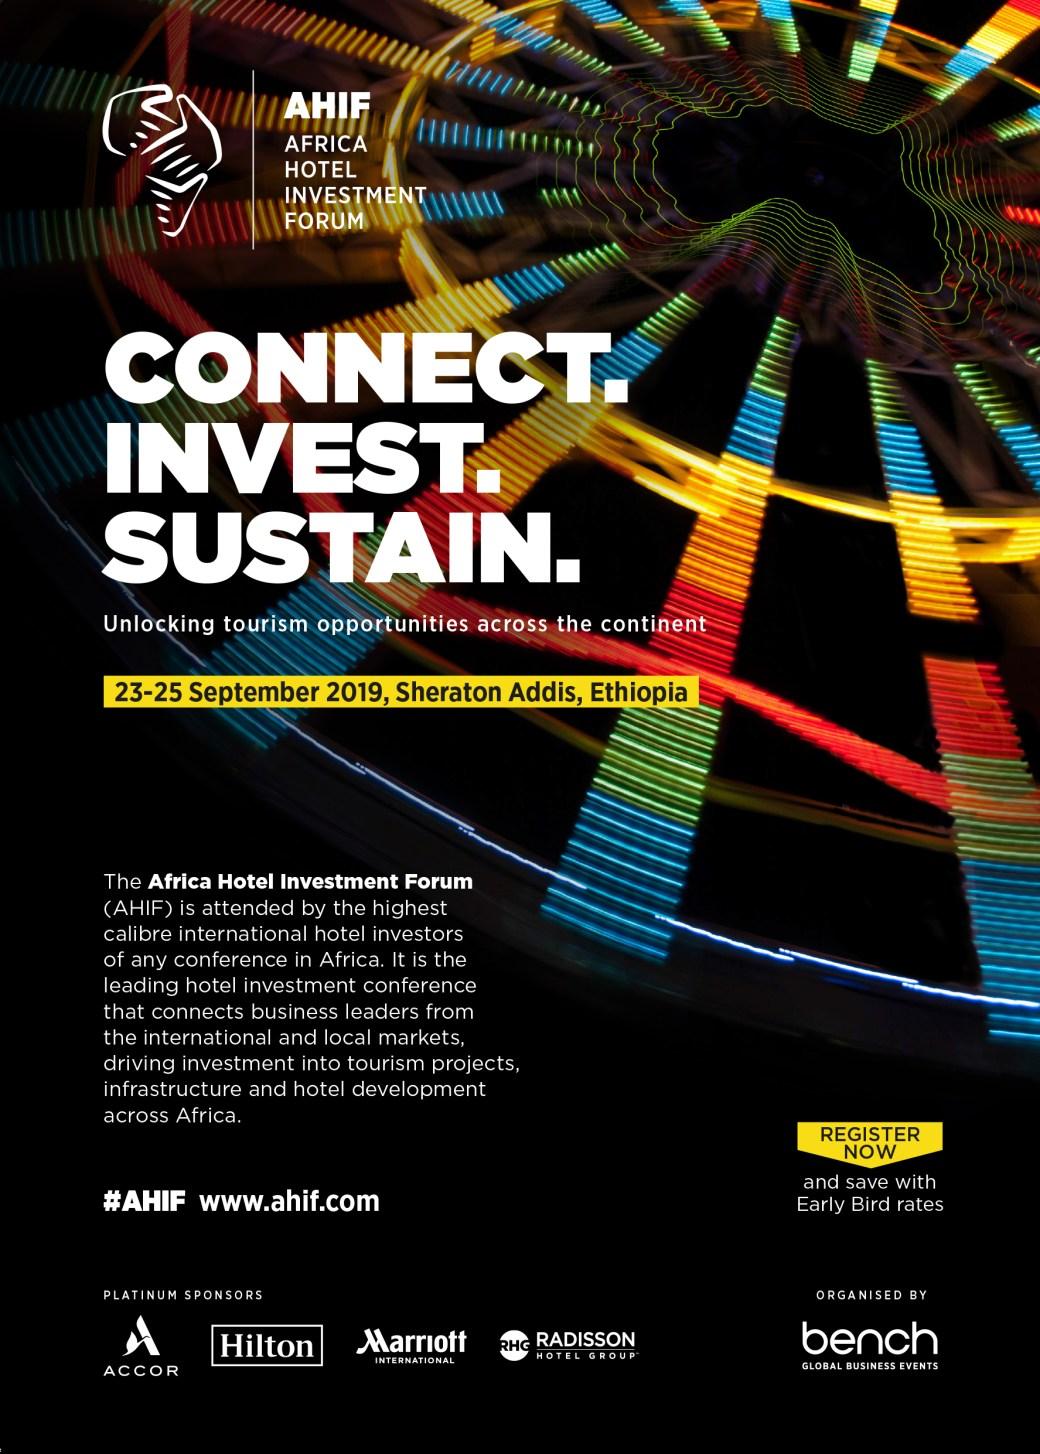 Africa Hotel Investment Forum 2019